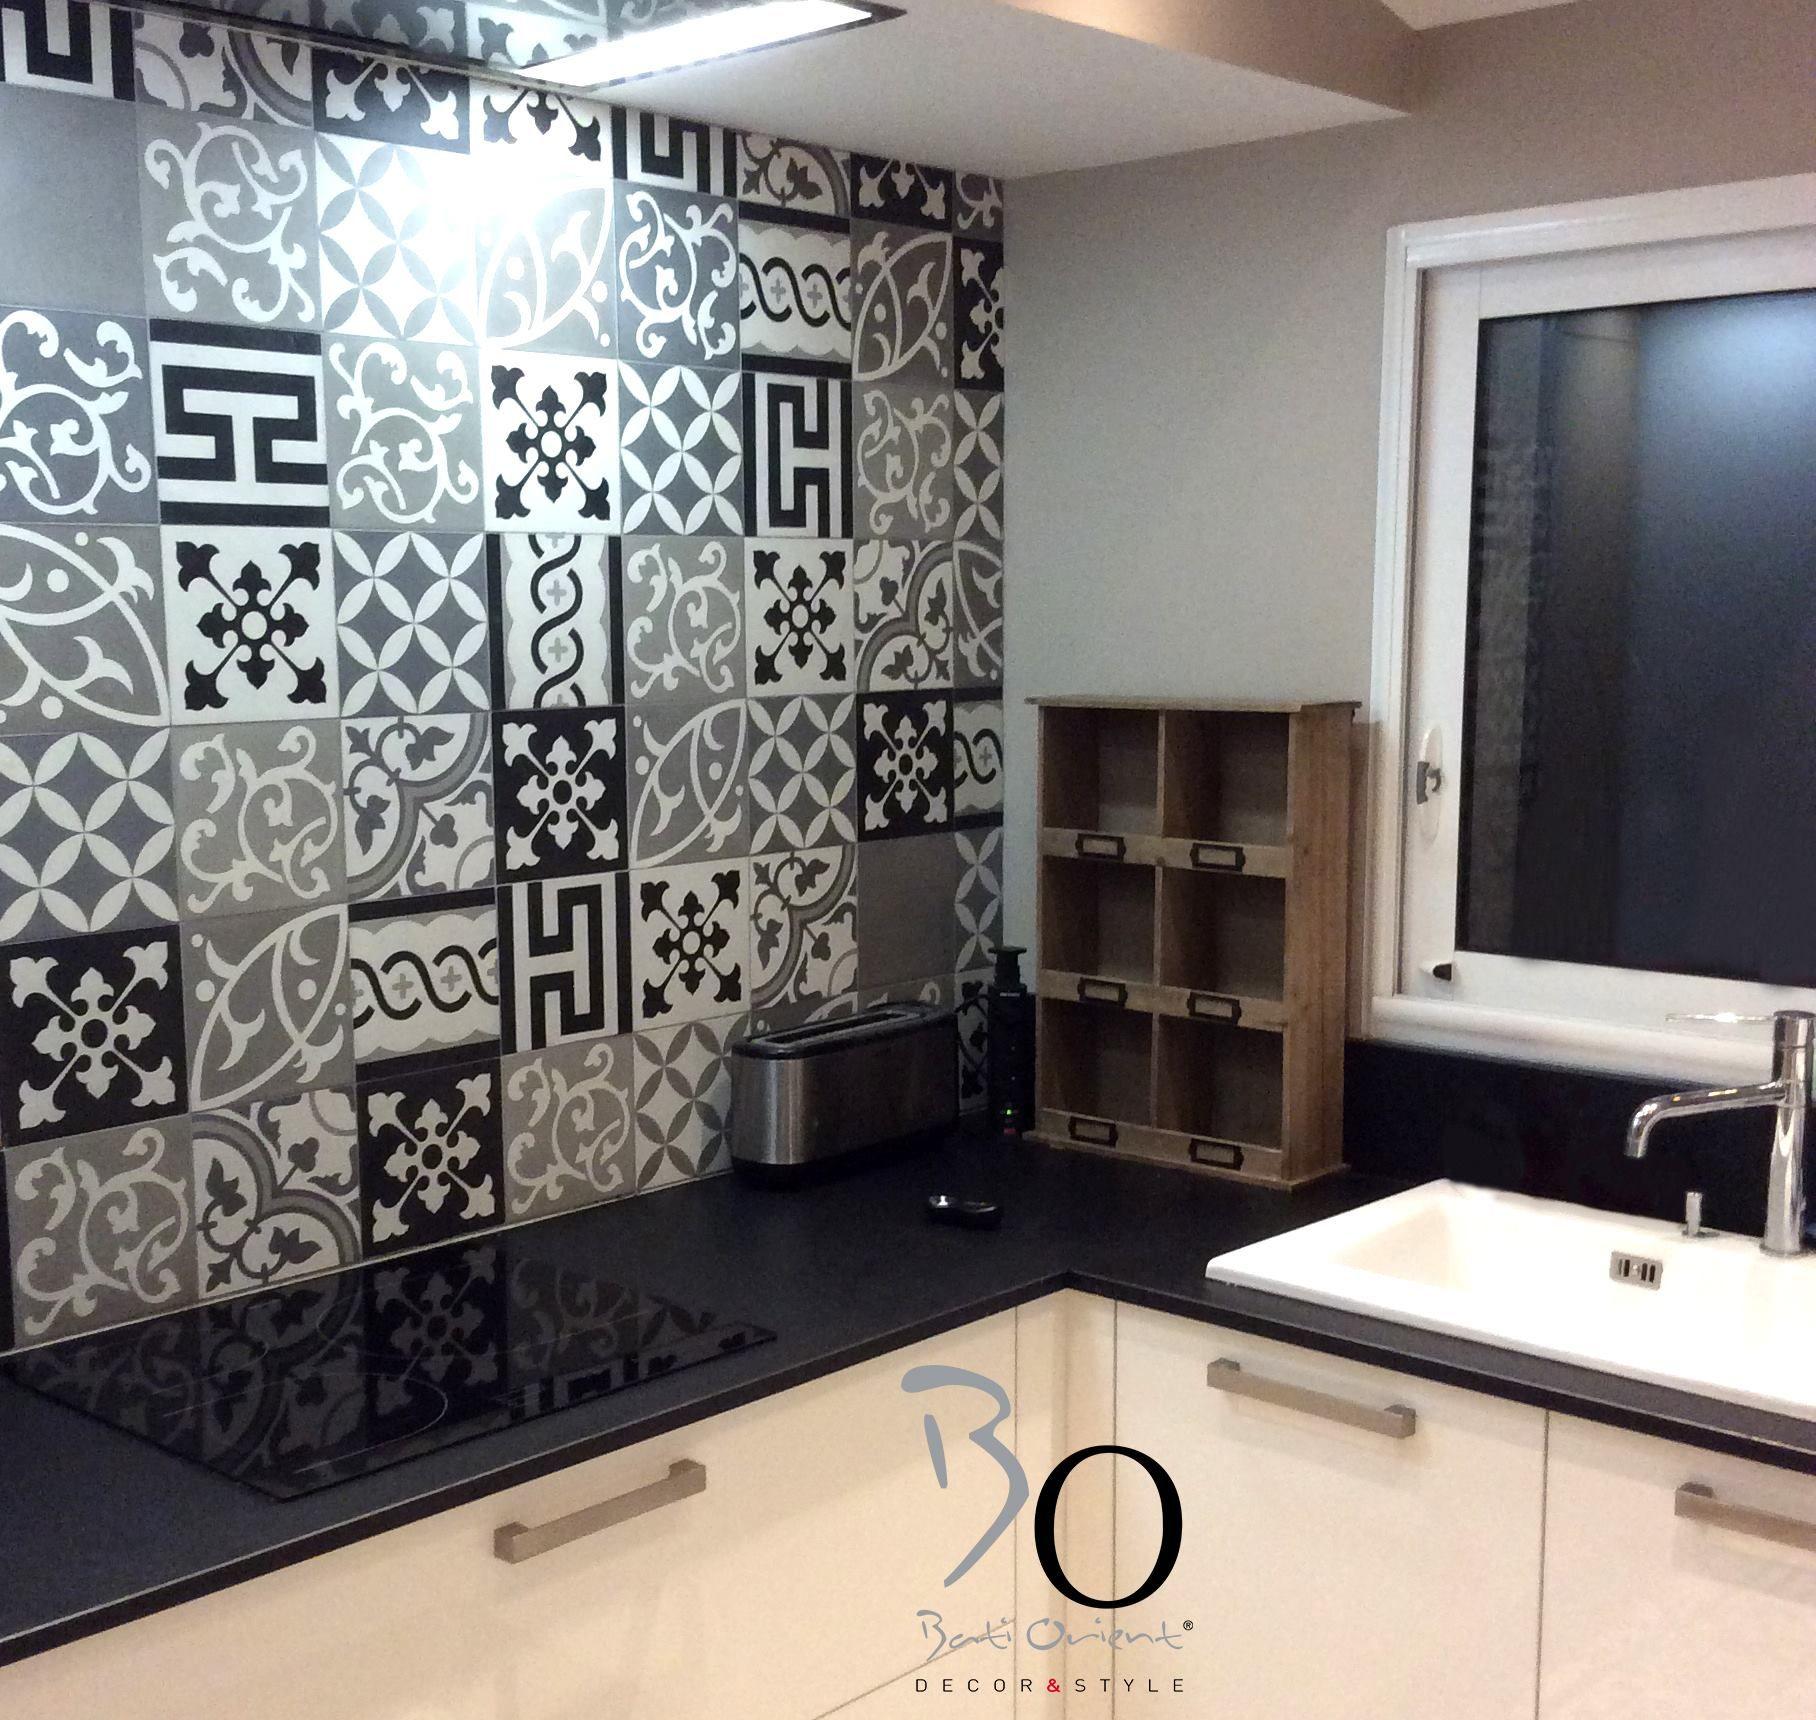 bati orient propose pour cette cuisine ce patchwork de carreaux ciment carreau ciment par. Black Bedroom Furniture Sets. Home Design Ideas